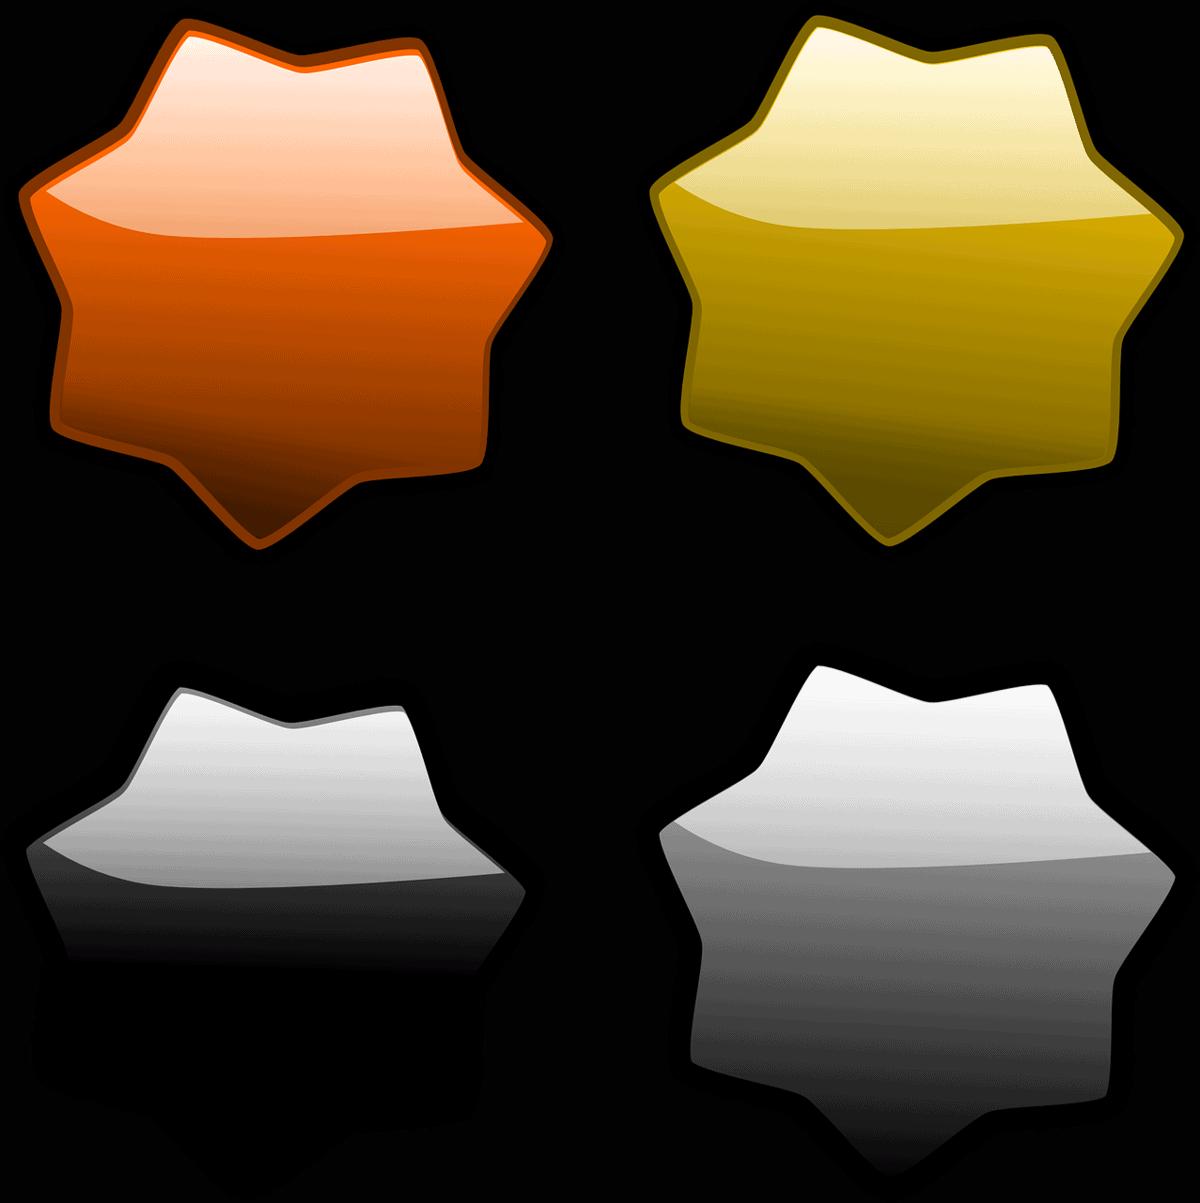 סוגים שונים של מדבקות